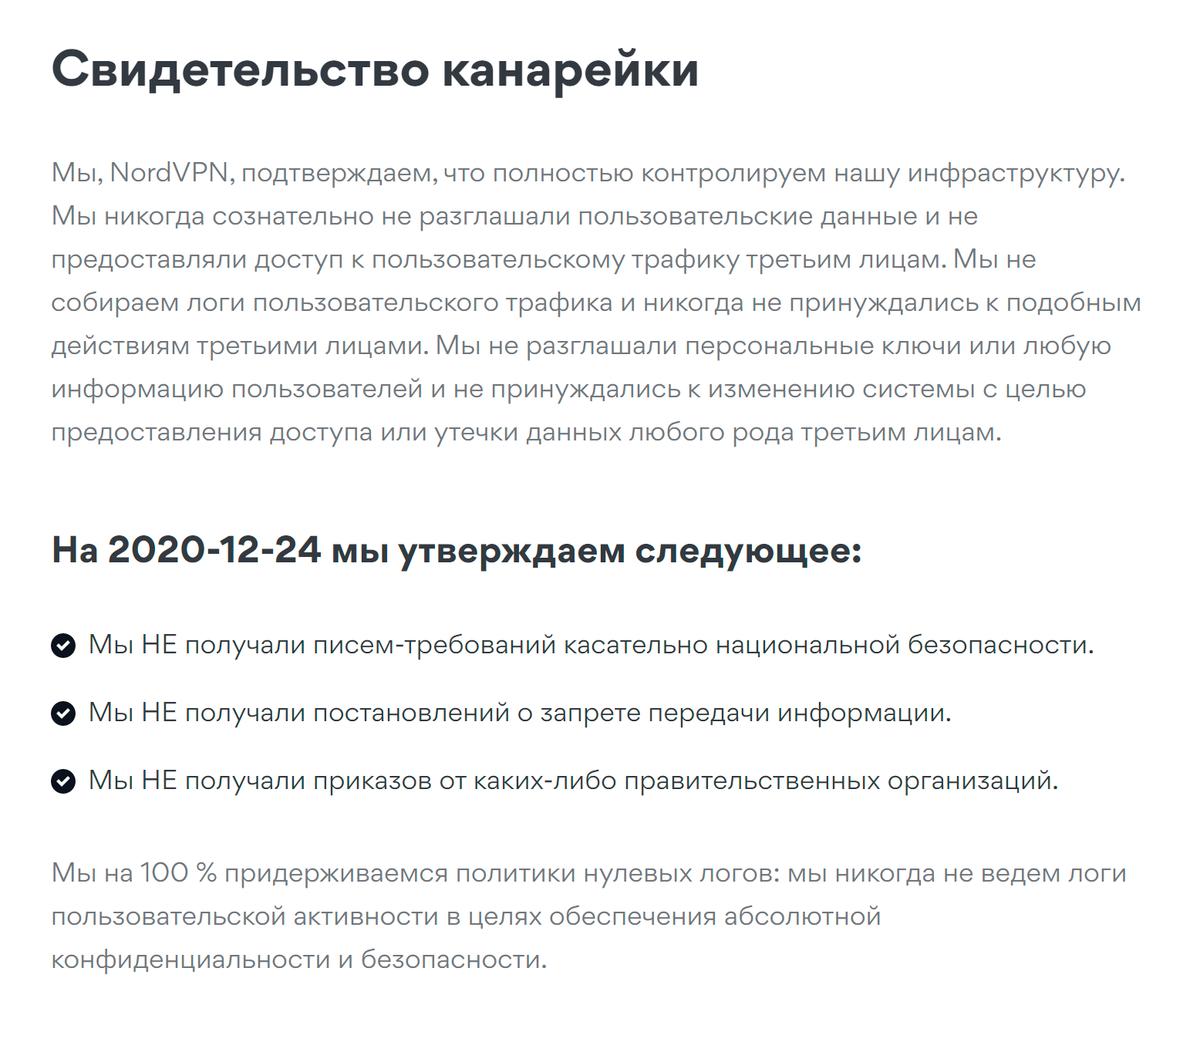 «Свидетельство канарейки» сервиса NordVPN находится в разделе сайта «О нас»